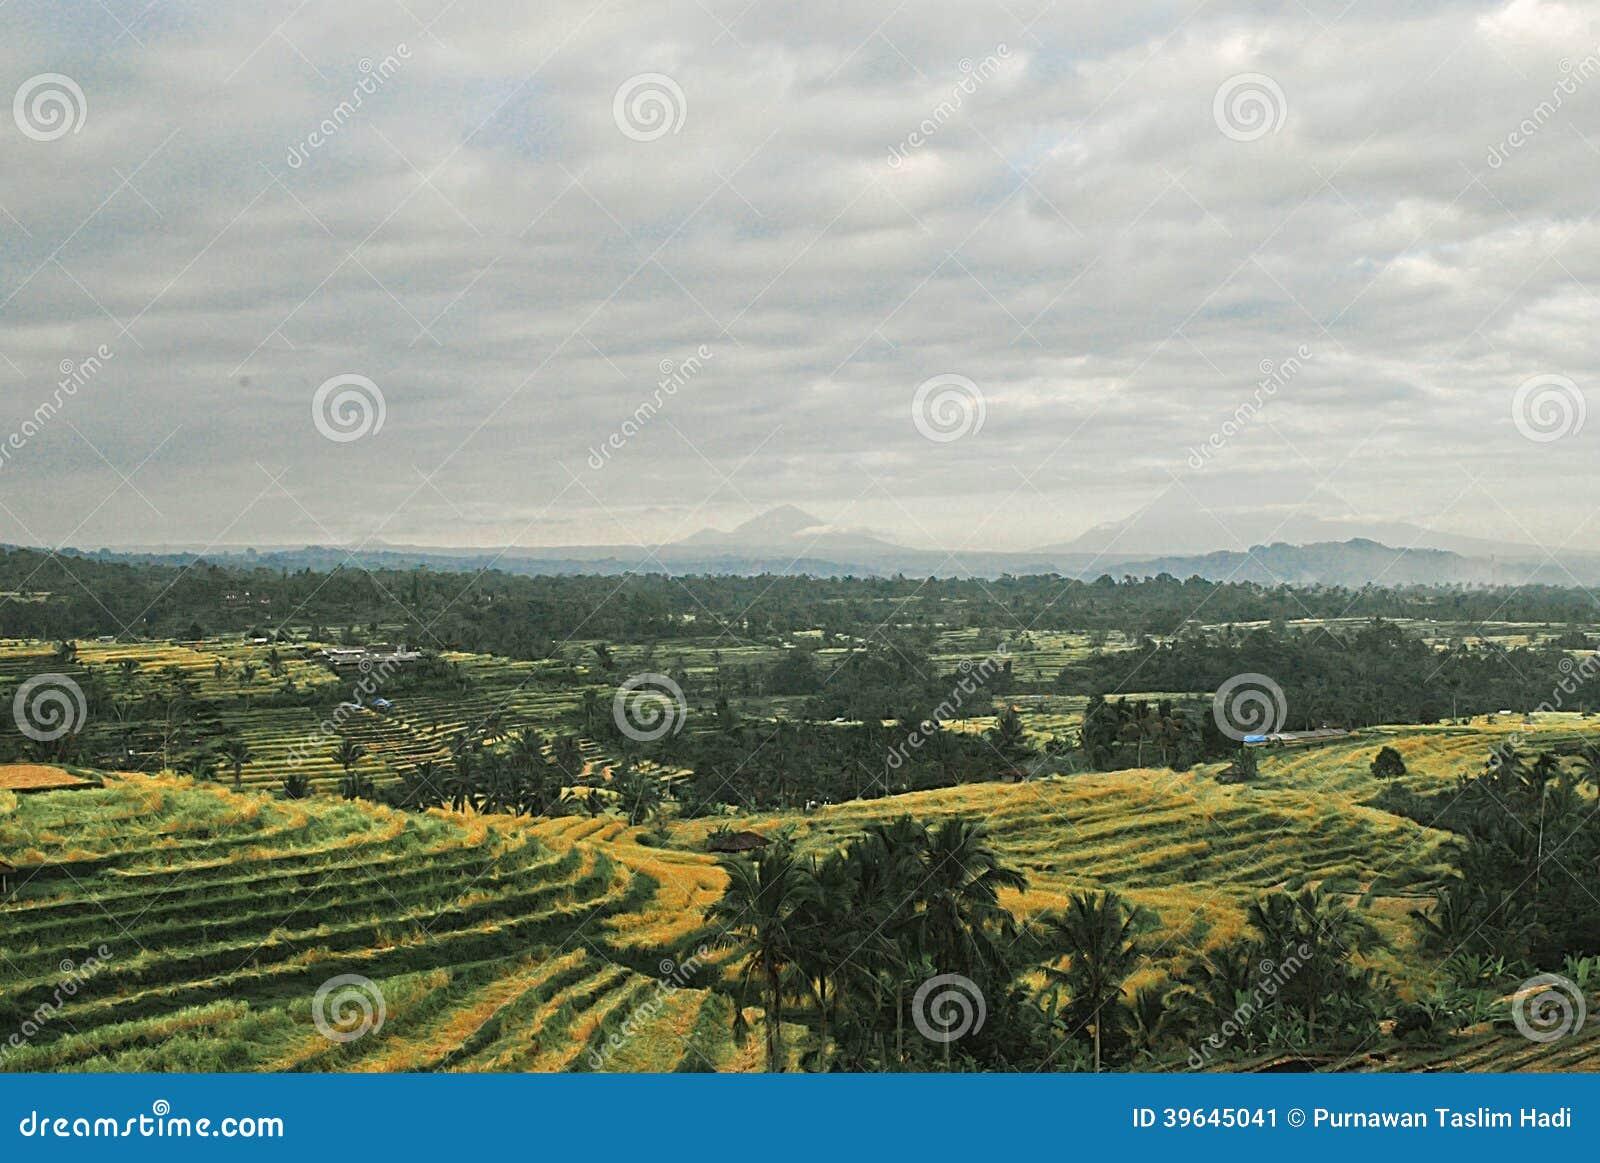 beautiful yellow field landscape-#31